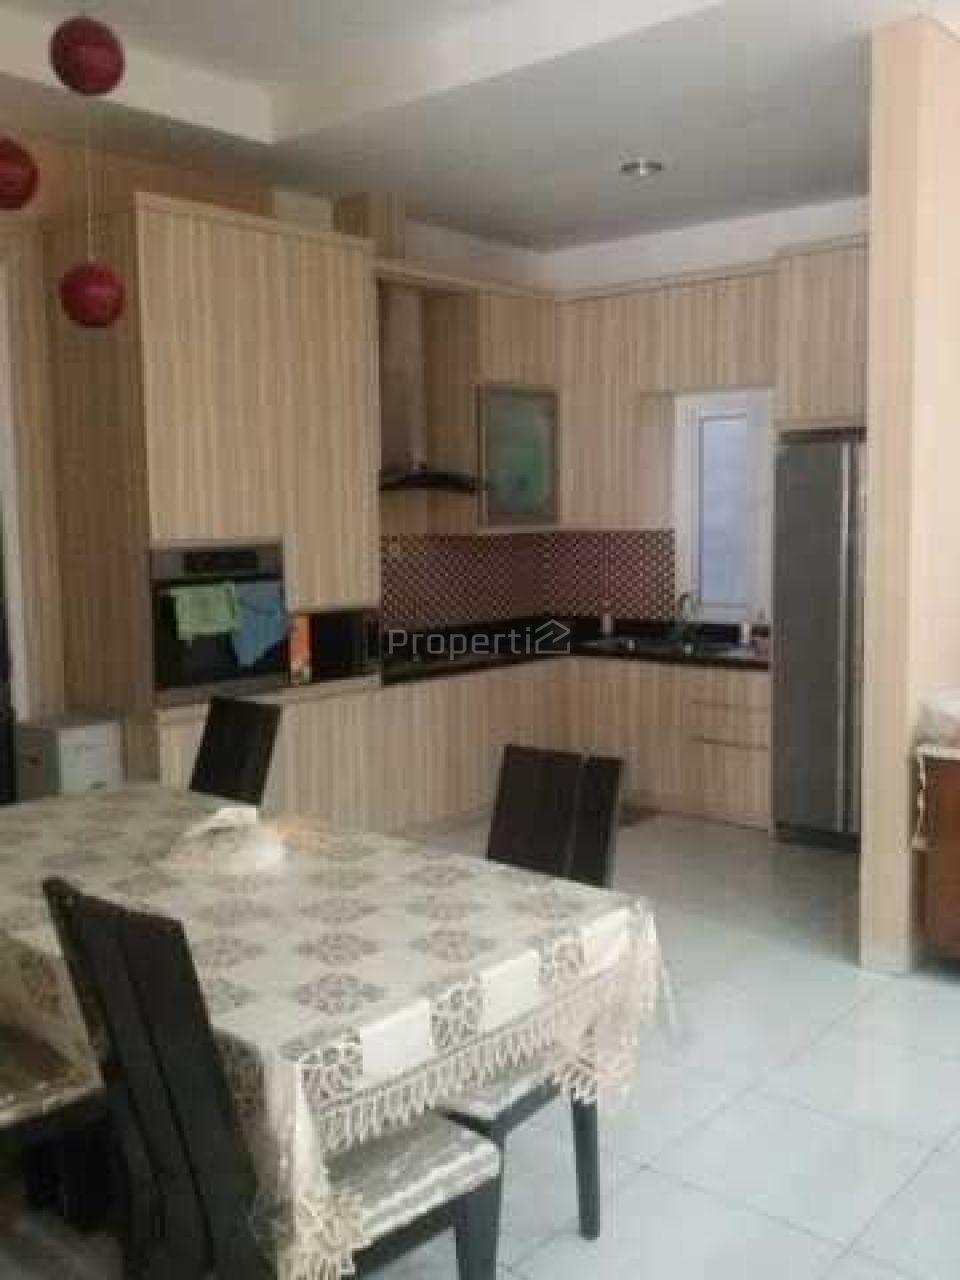 2.5-Storey House in Prestigious Residences in Cibubur, Kota Bekasi